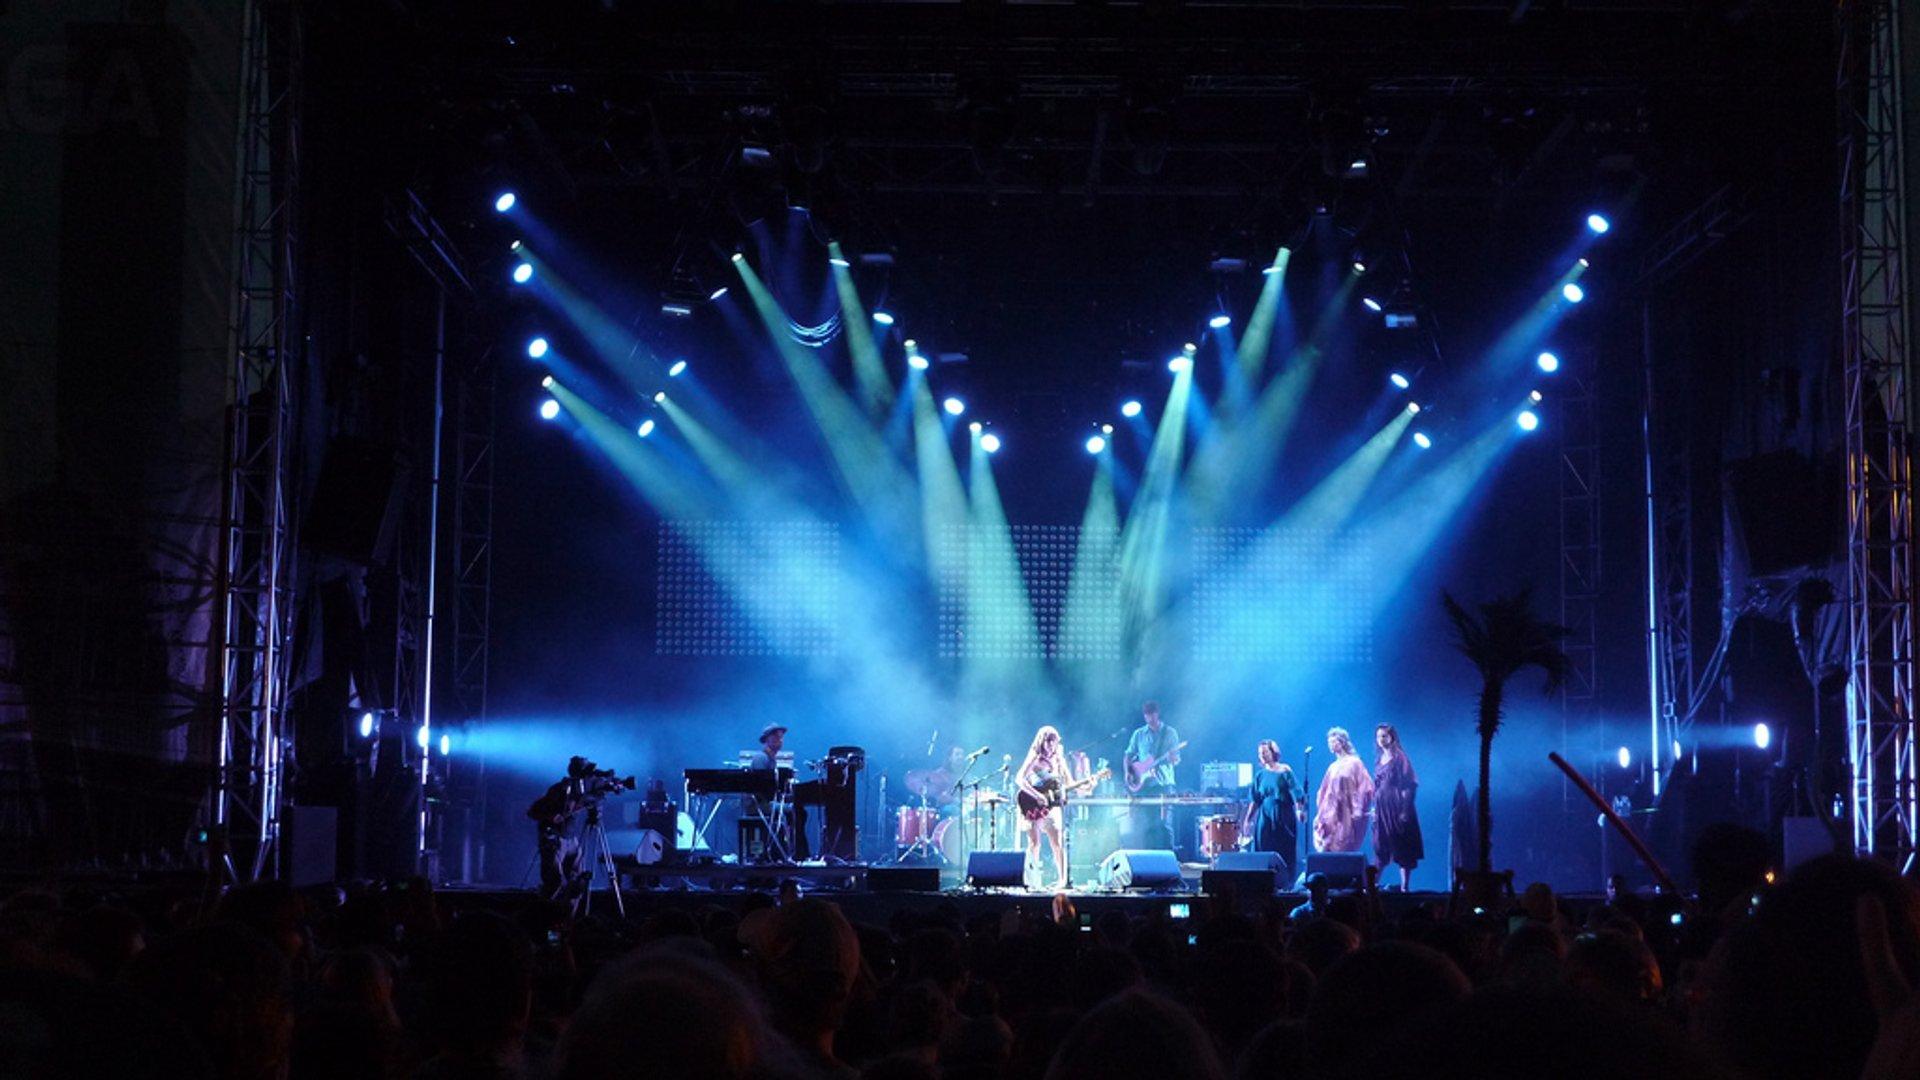 Osheaga Music Festival in Quebec - Best Season 2020